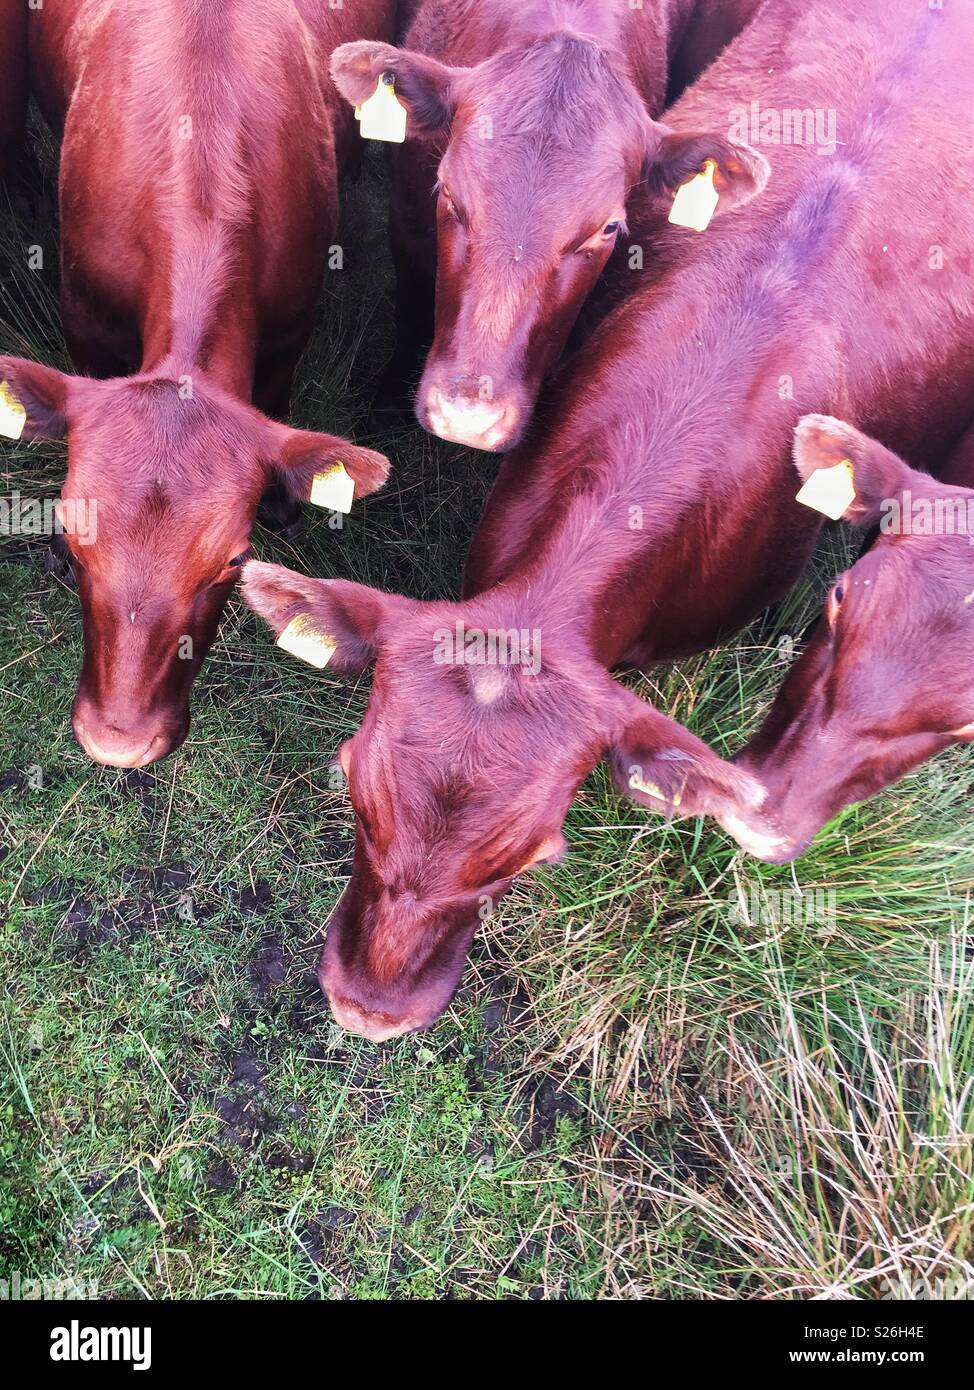 Una veduta aerea di un allevamento di bestiame bovino o marrone vacche in un campo Immagini Stock